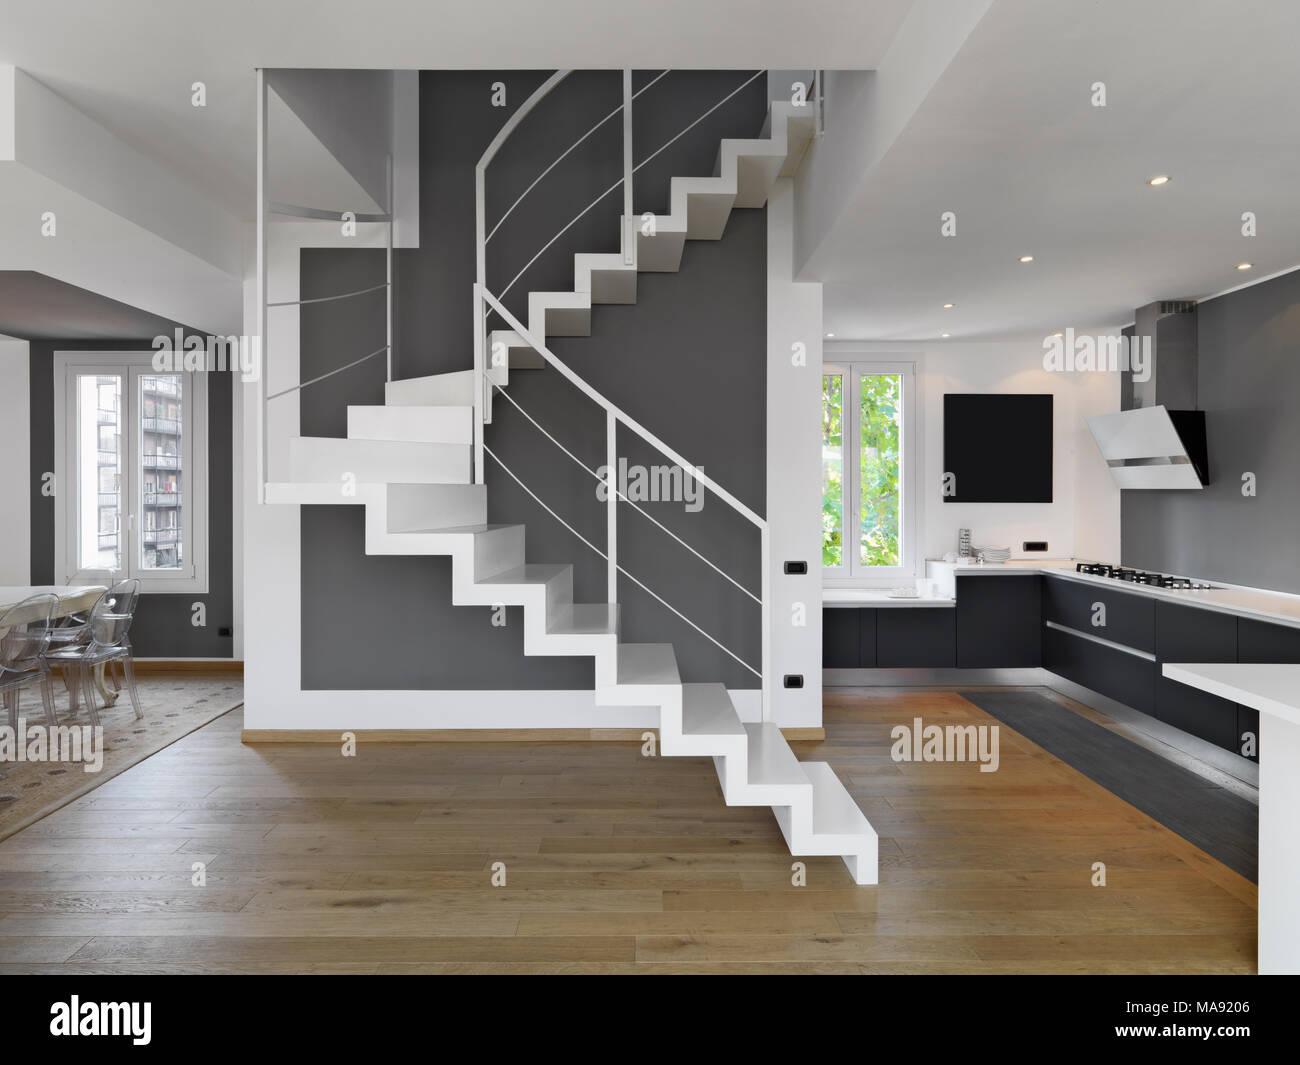 Interni Moderni Cucine : Gli scatti in interni di un moderno appartamento con vista su la